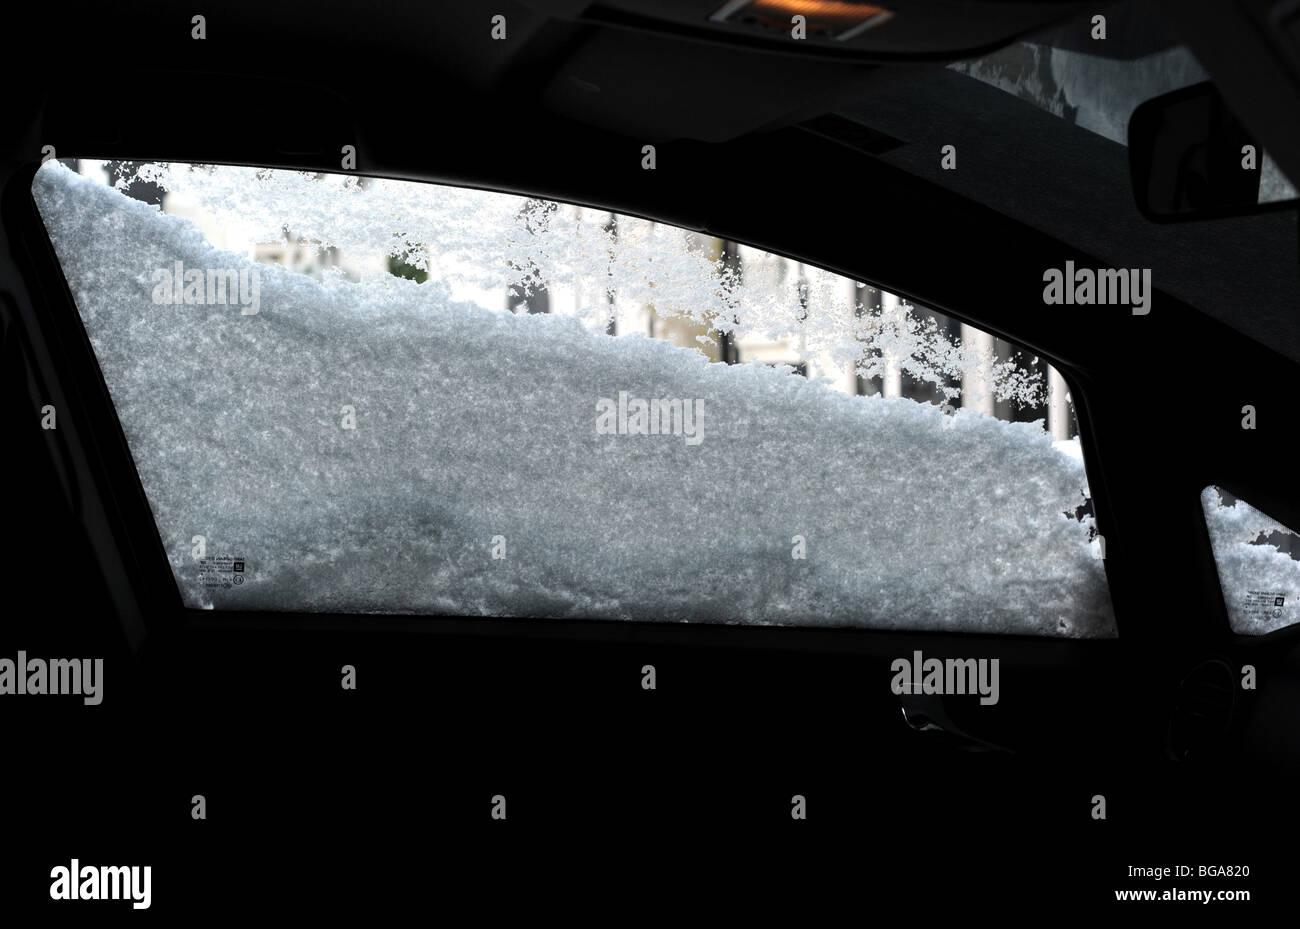 Ventana de coche cubierto de nieve desde el interior Imagen De Stock